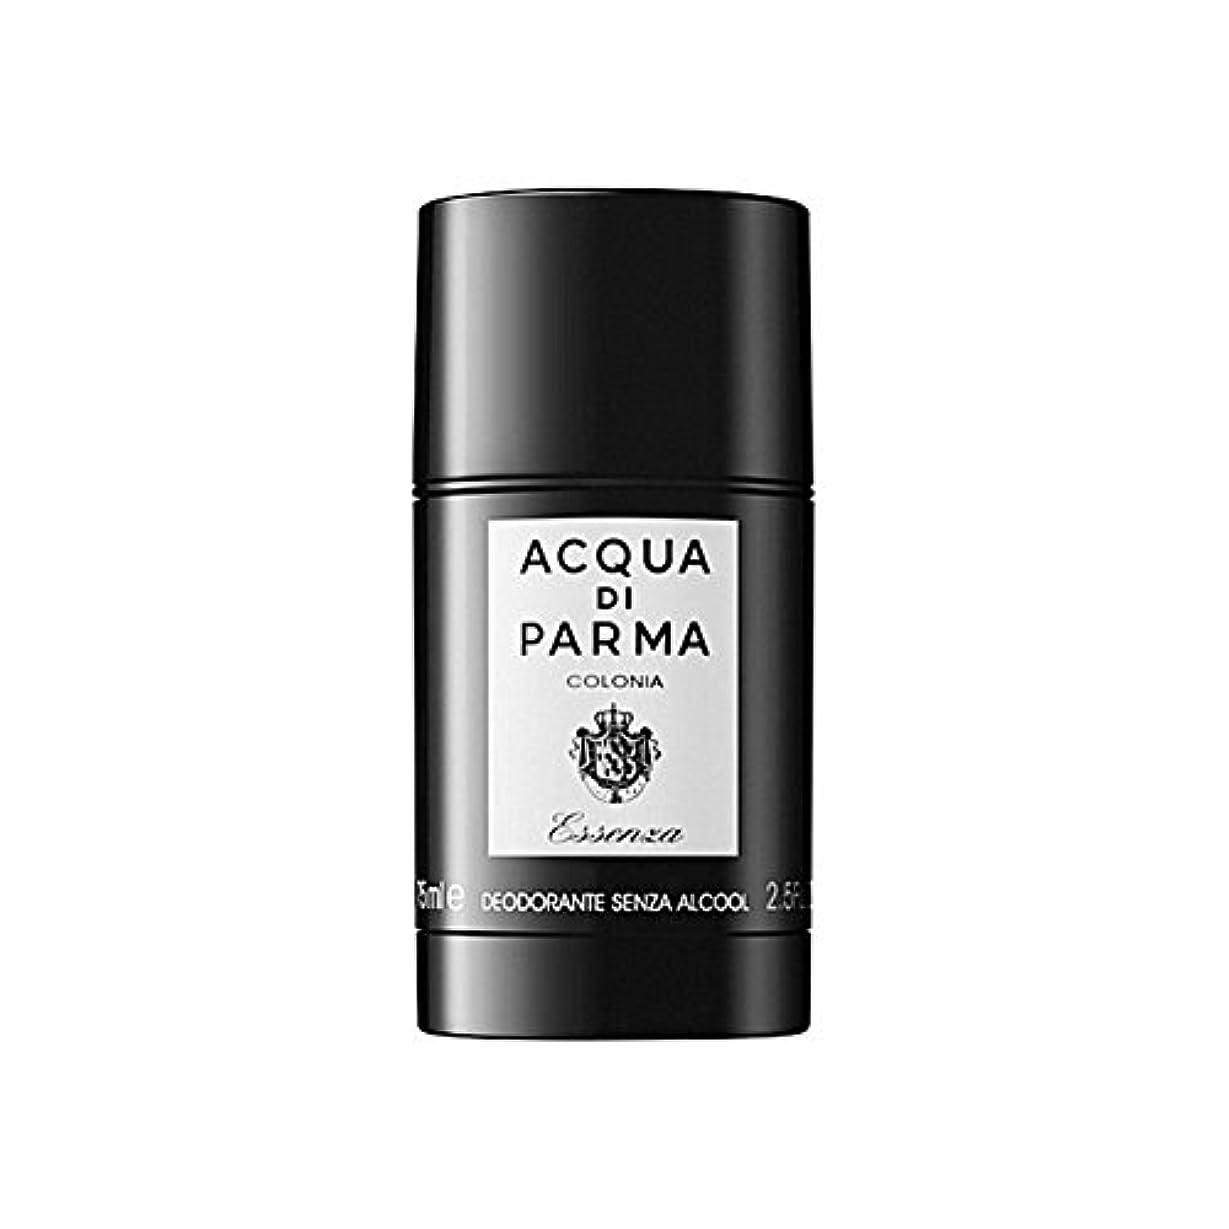 志す市民権コンピューターAcqua Di Parma Colonia Essenza Deodorant Stick 75ml (Pack of 6) - アクアディパルマコロニアデオドラントスティック75ミリリットル x6 [並行輸入品]